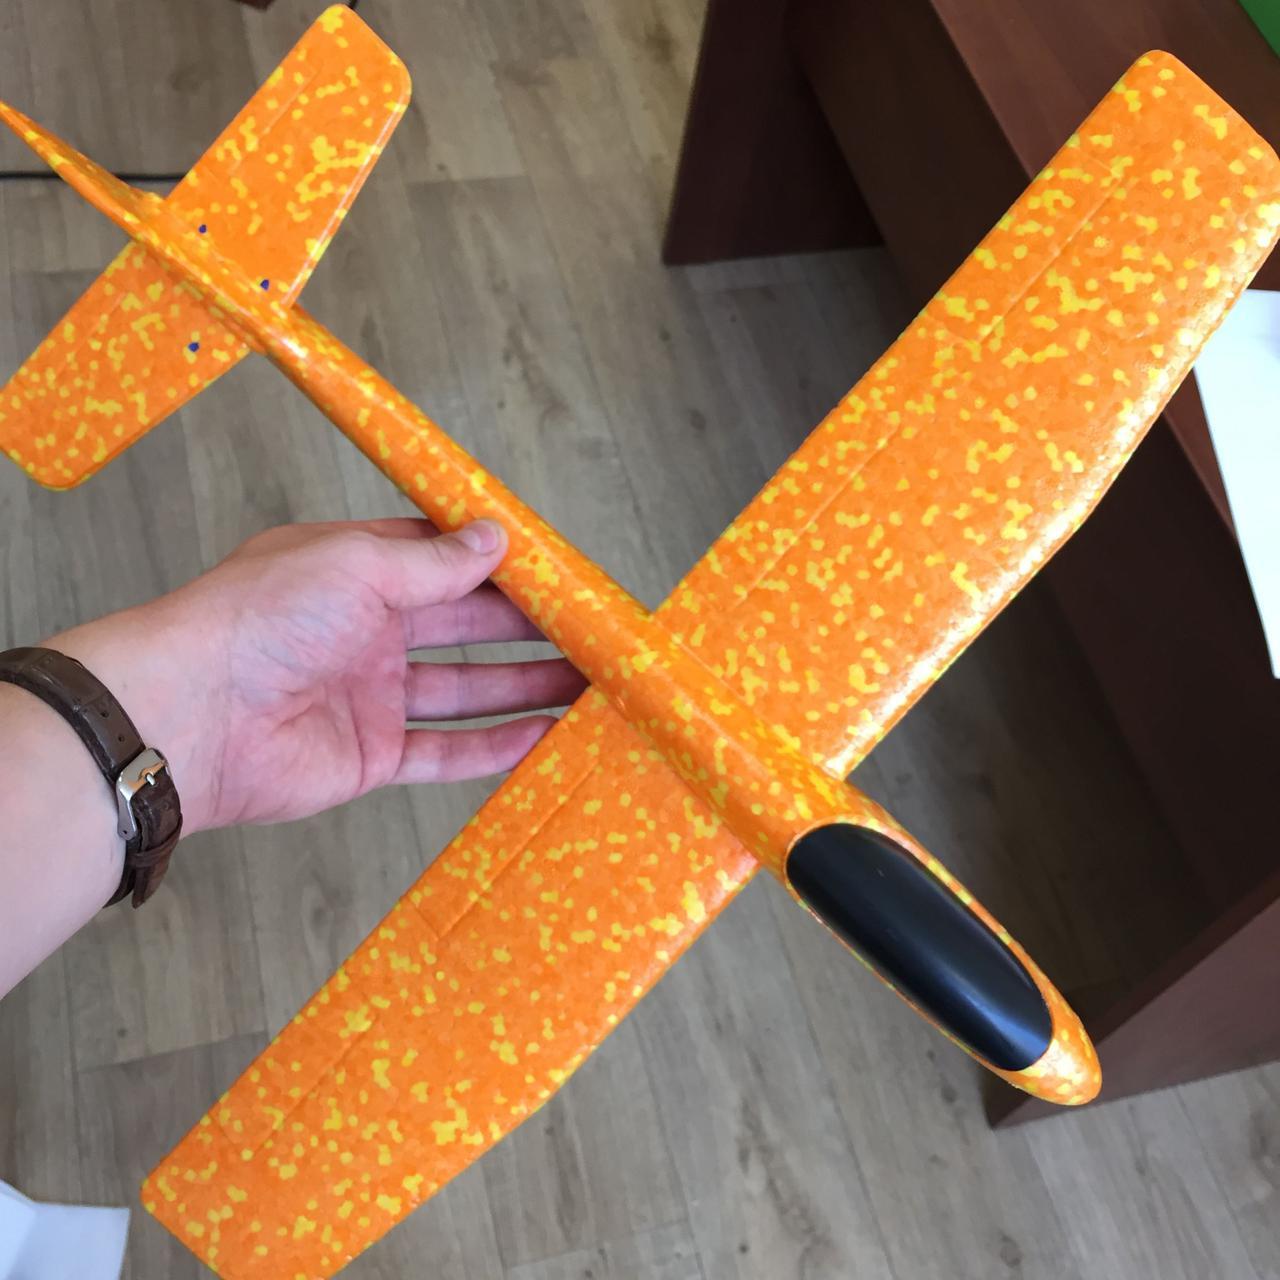 Метательный Самолетик планер Airplane из пенопласта оранжевый